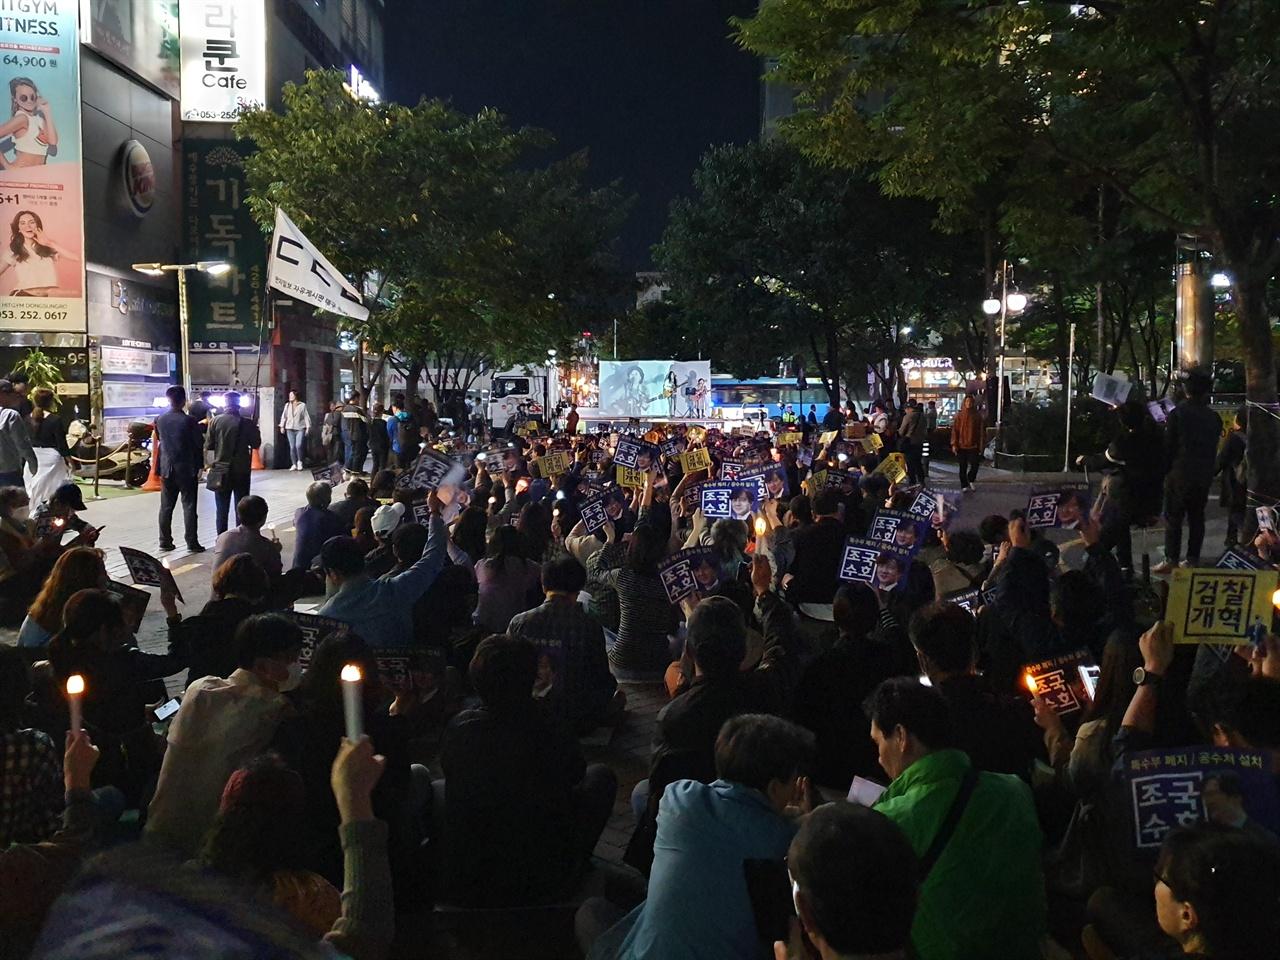 3차 대구 촛불 문화제 금요일 (11일) 저녁 7시, 대구 2.28 공원에서 검찰개혁을 위한 3차 촛불 문화제가 열렸다.